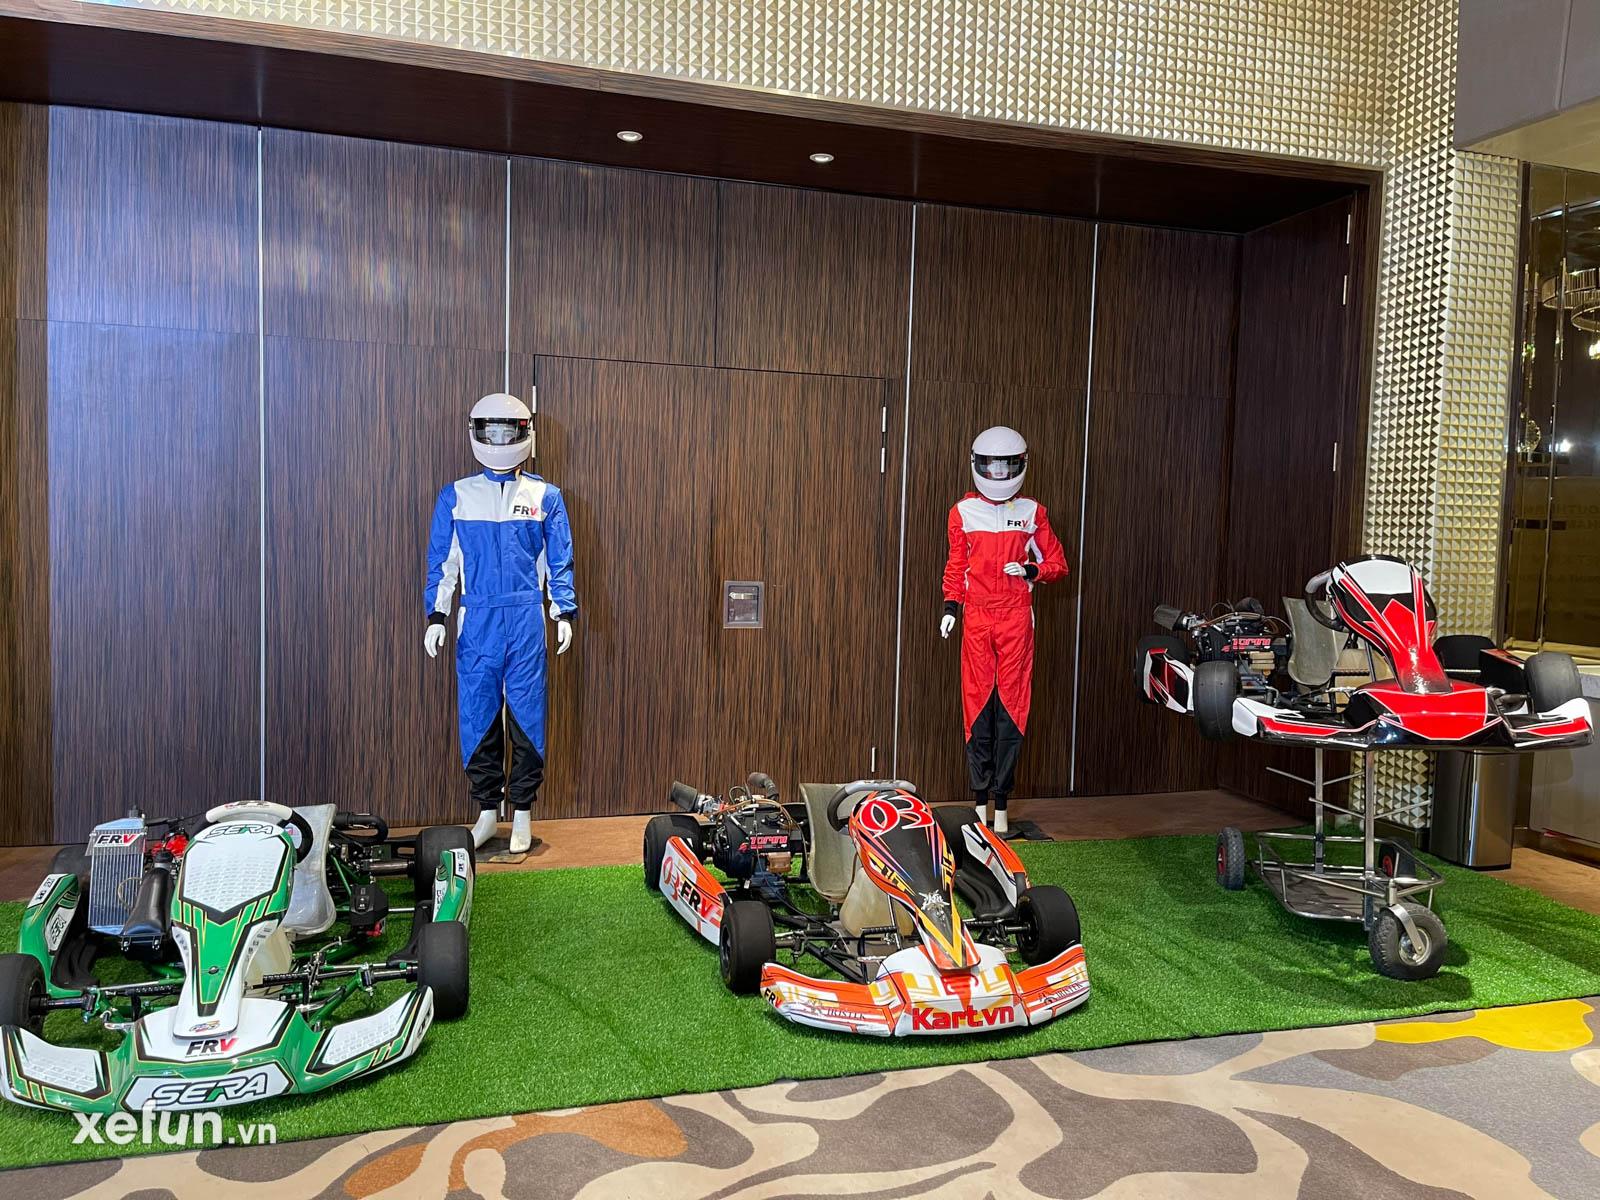 Giải đua Go Kart Southern Open Championship Formula Racing Vietnam trên Xefun (1)567687